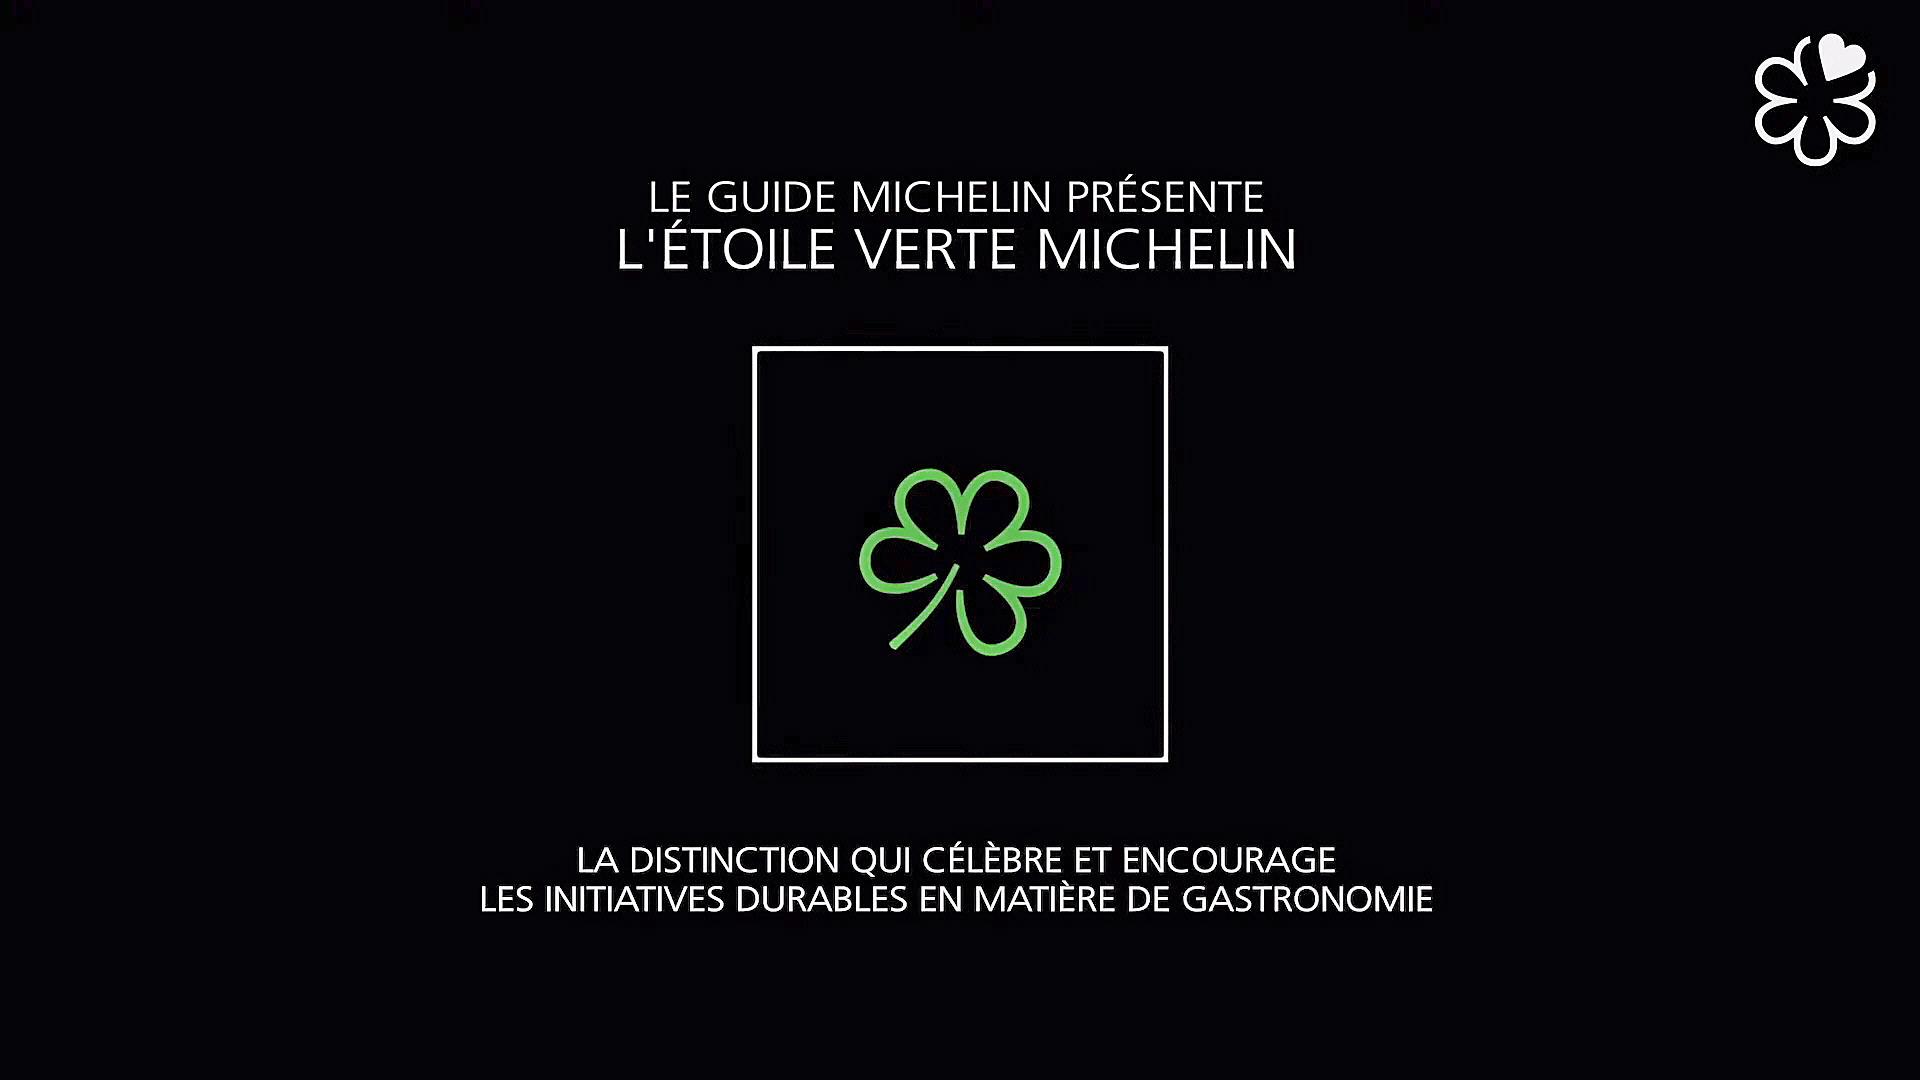 Le logo - Crédit photo Michelin